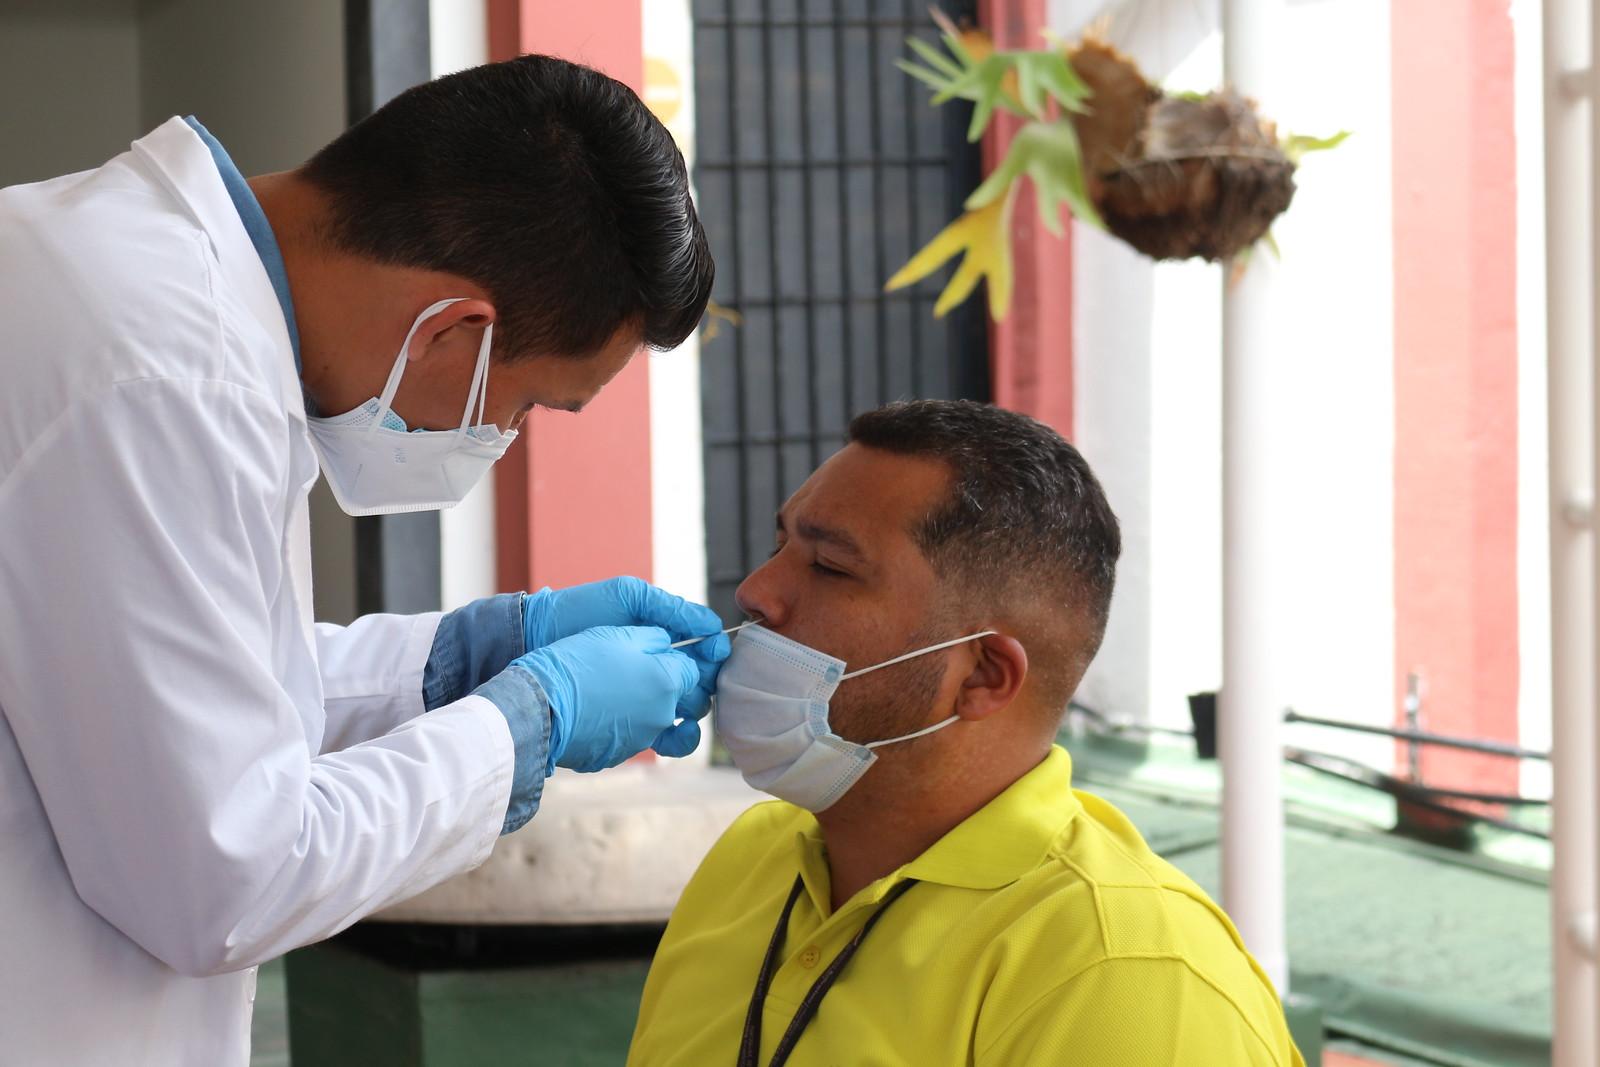 Jornada de pruebas PCR para los trabajadores del Ministerio del Poder Popular para Relaciones Exteriores